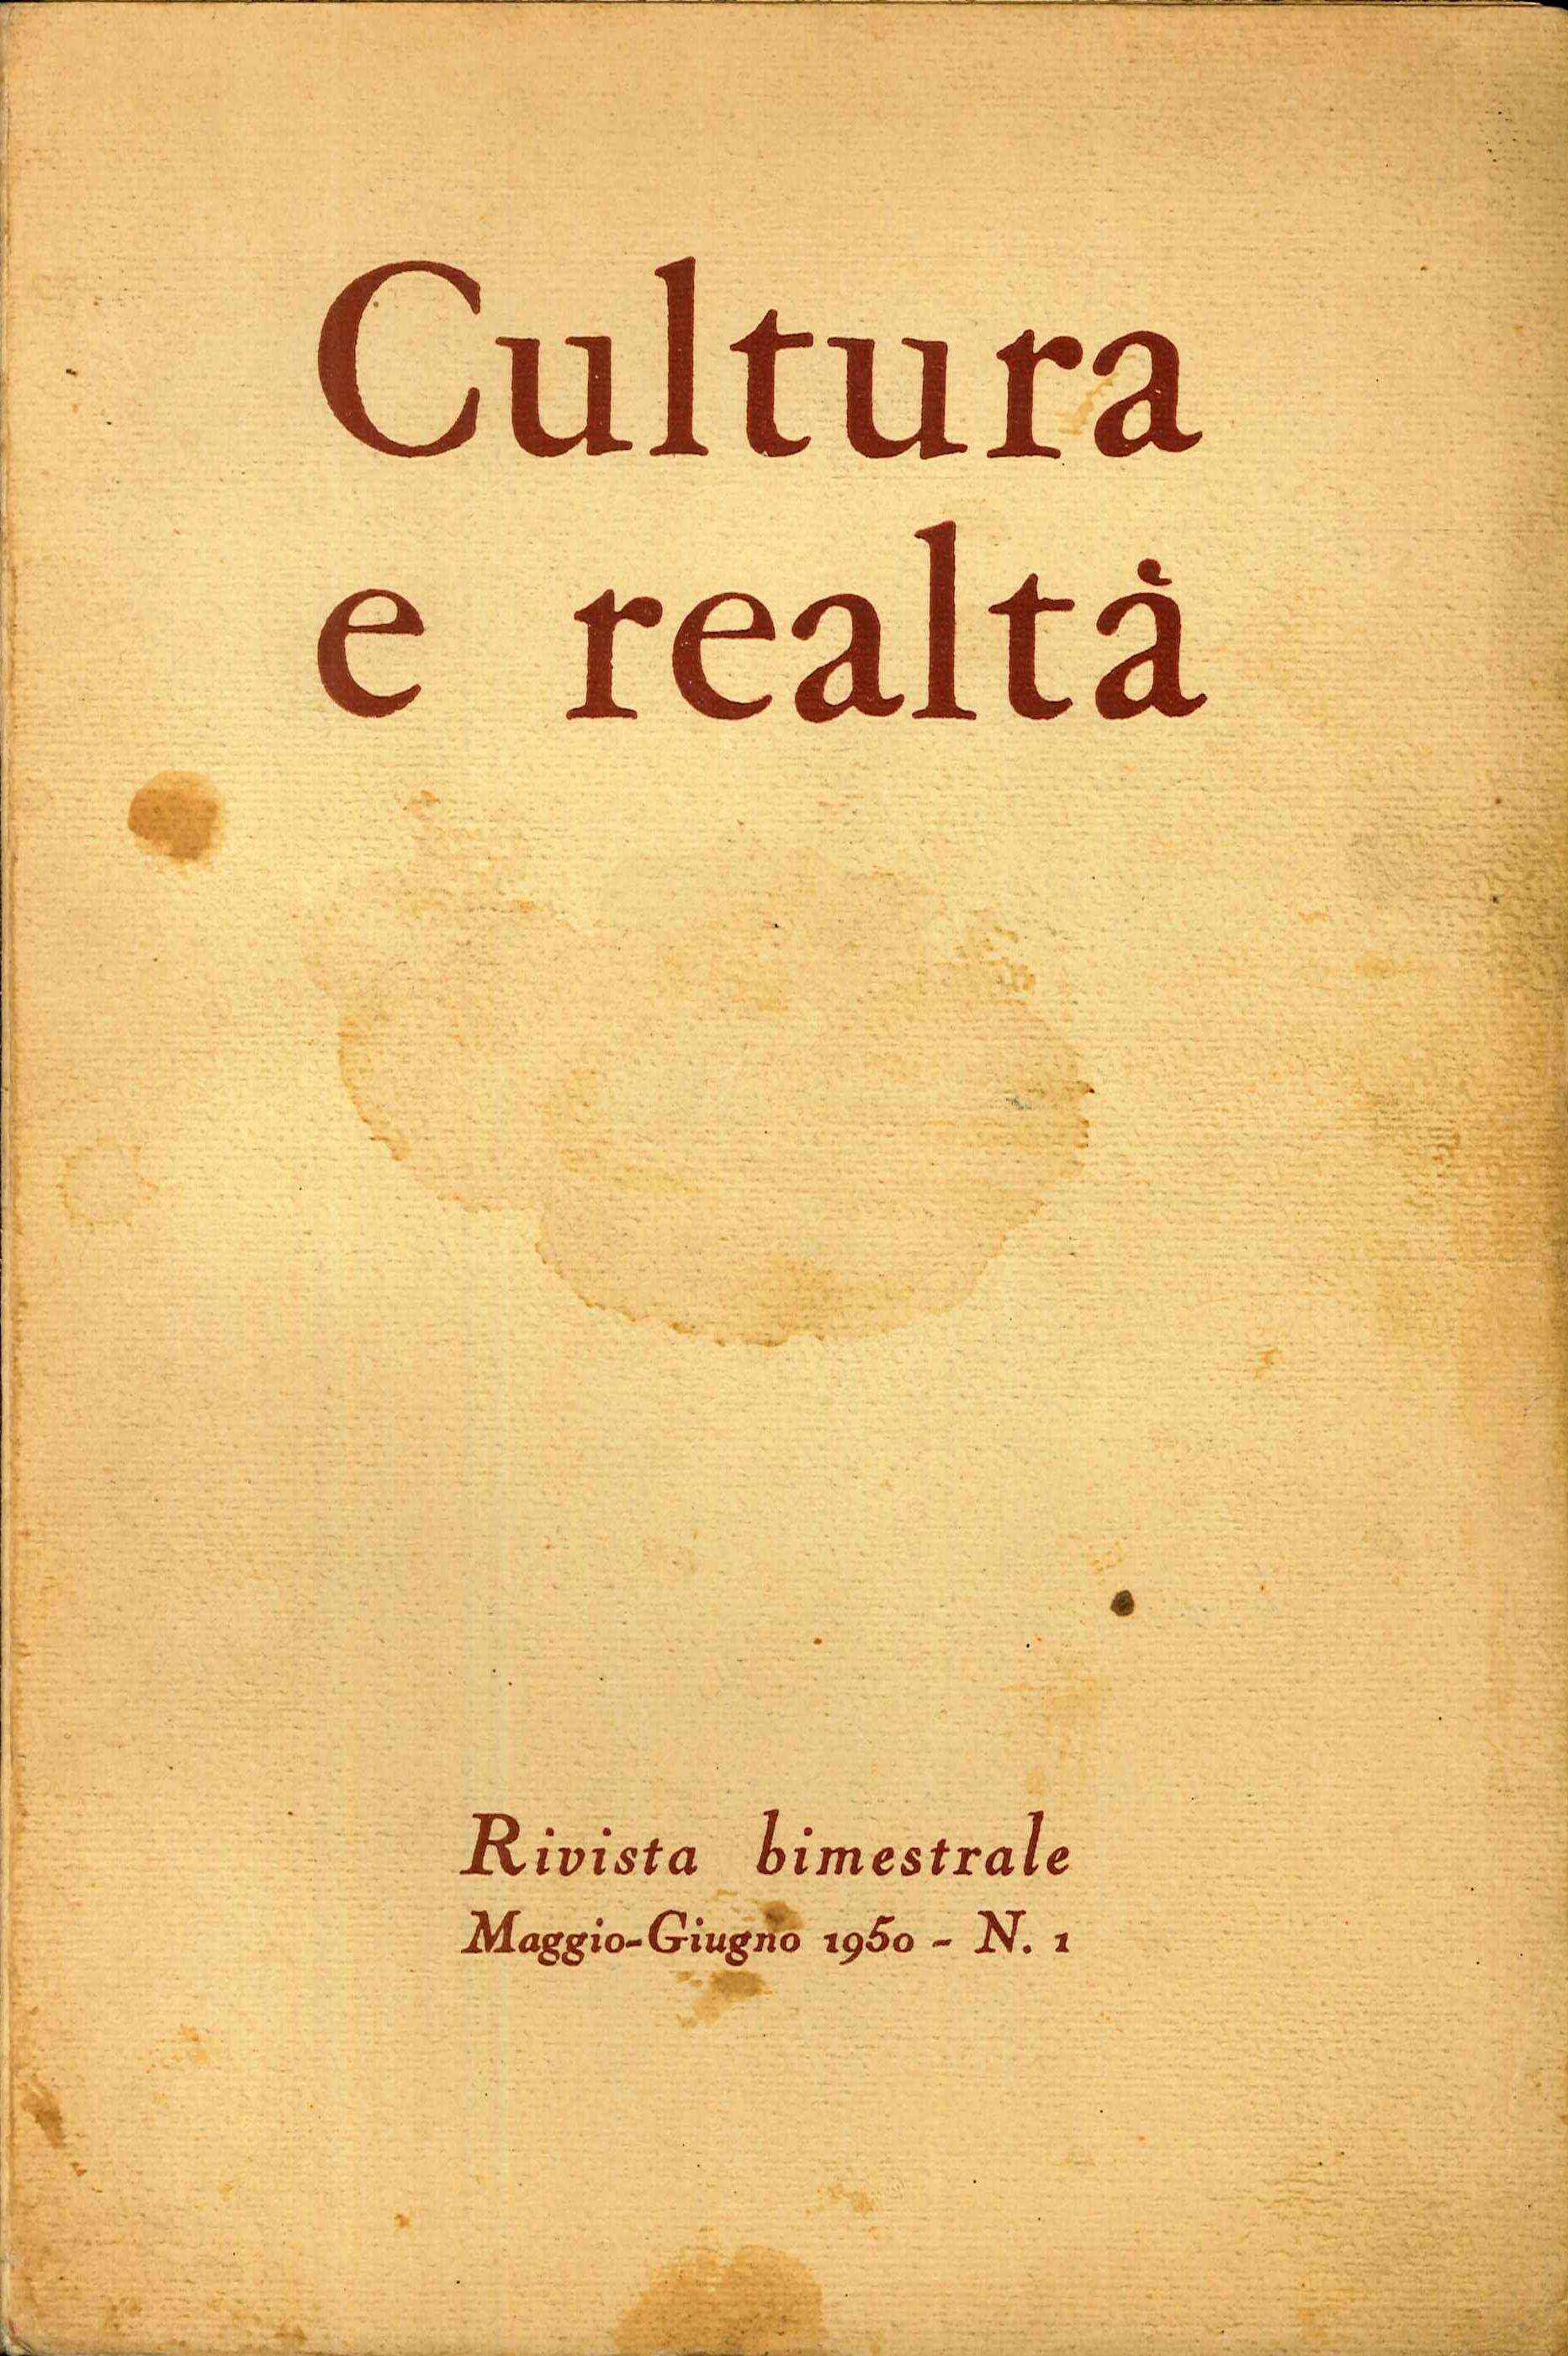 Cultura e Realta'. Rivista Bimestrale Maggio - Giugno 1950. N.1